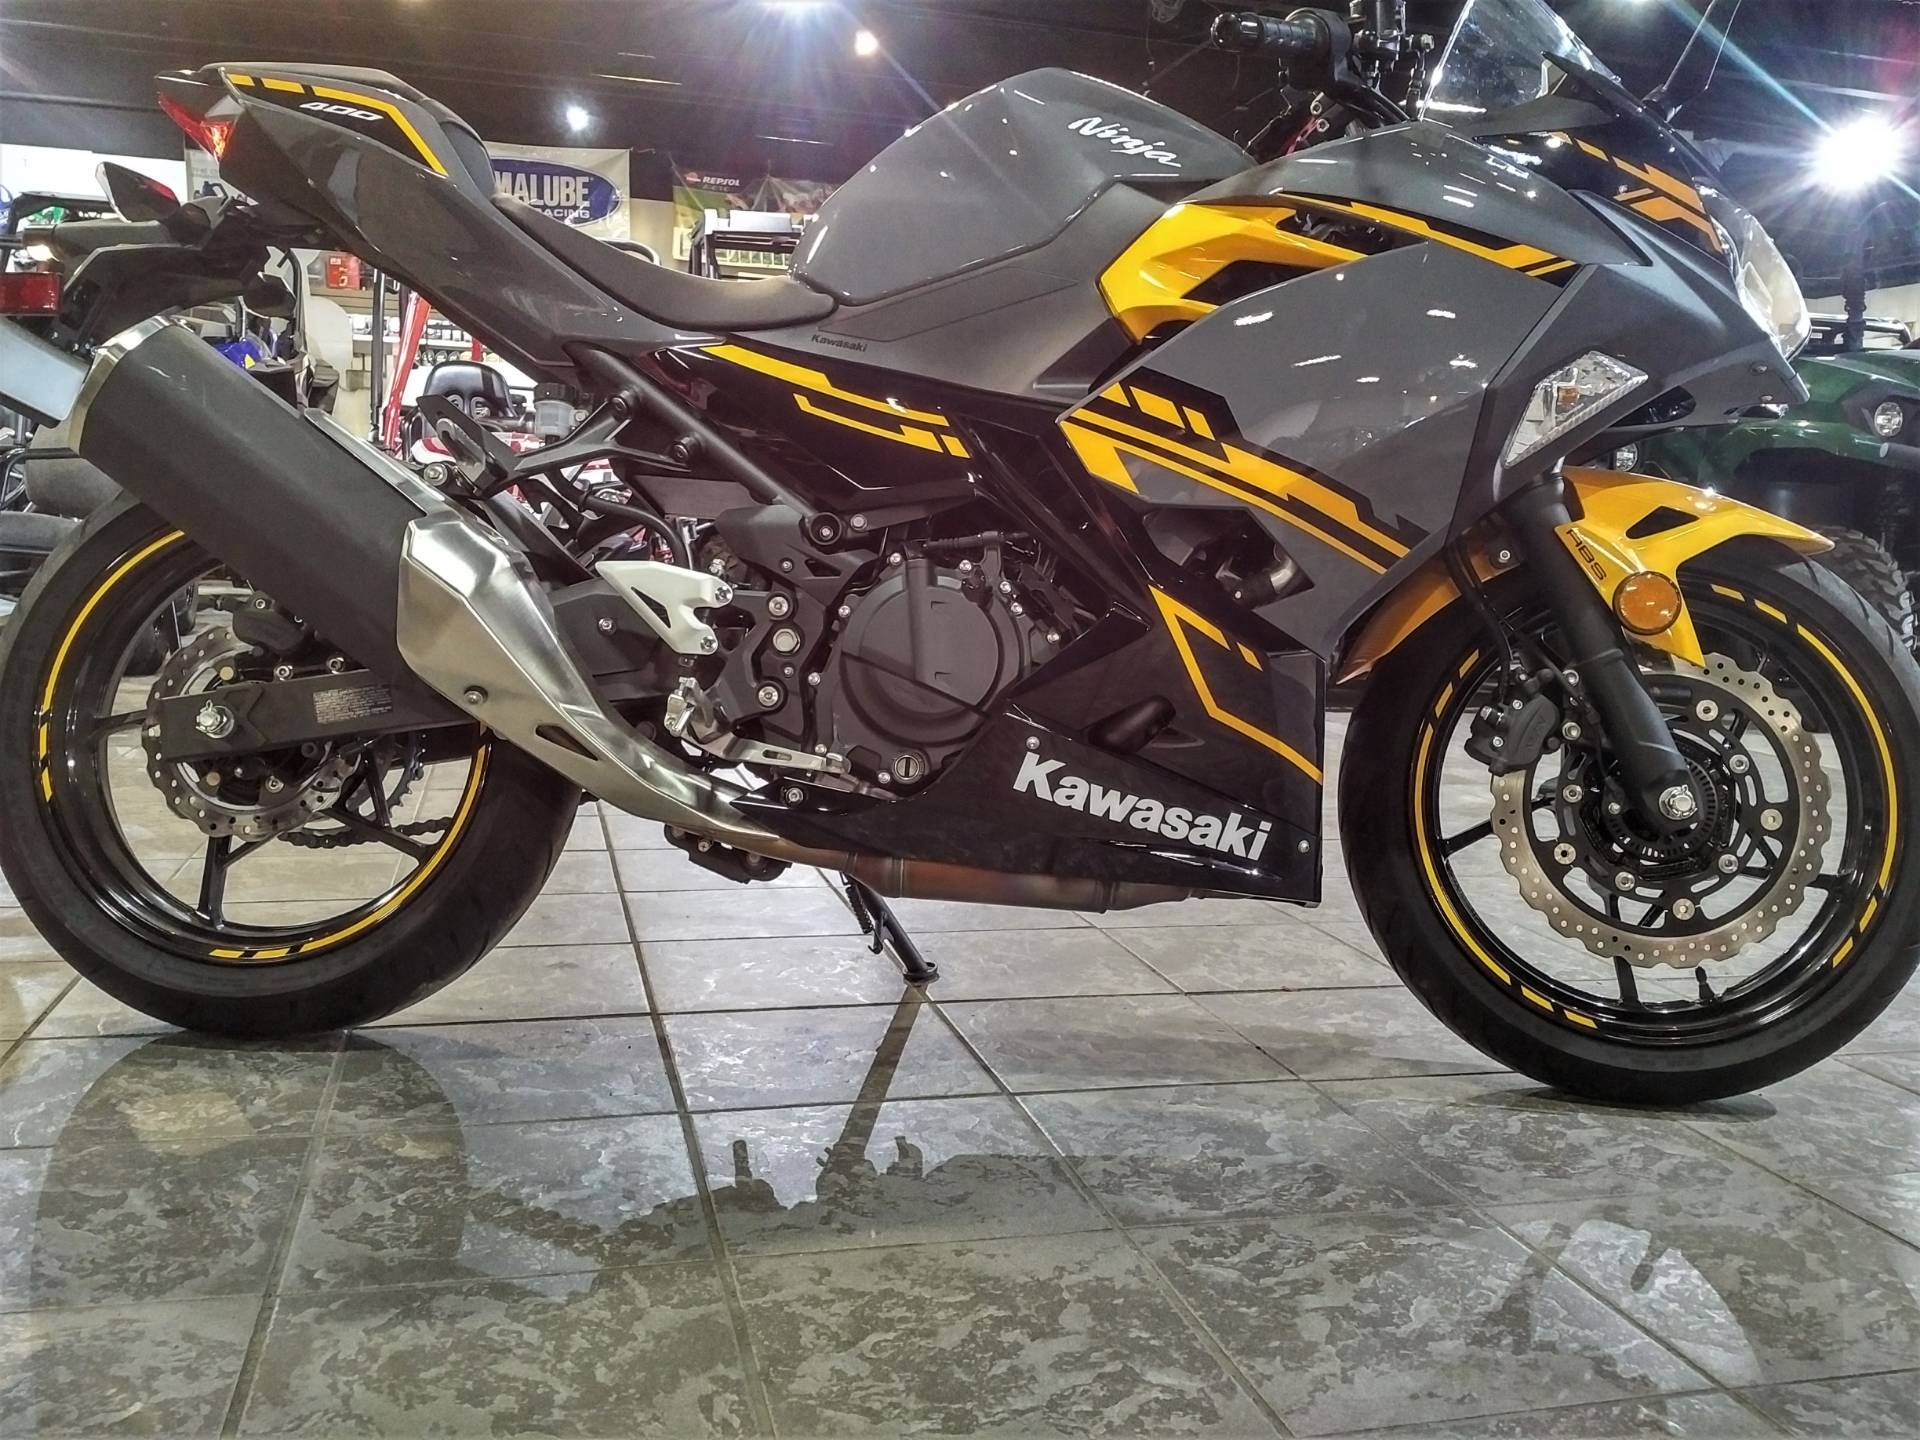 2018 Kawasaki Ninja 400 ABS for sale 132171